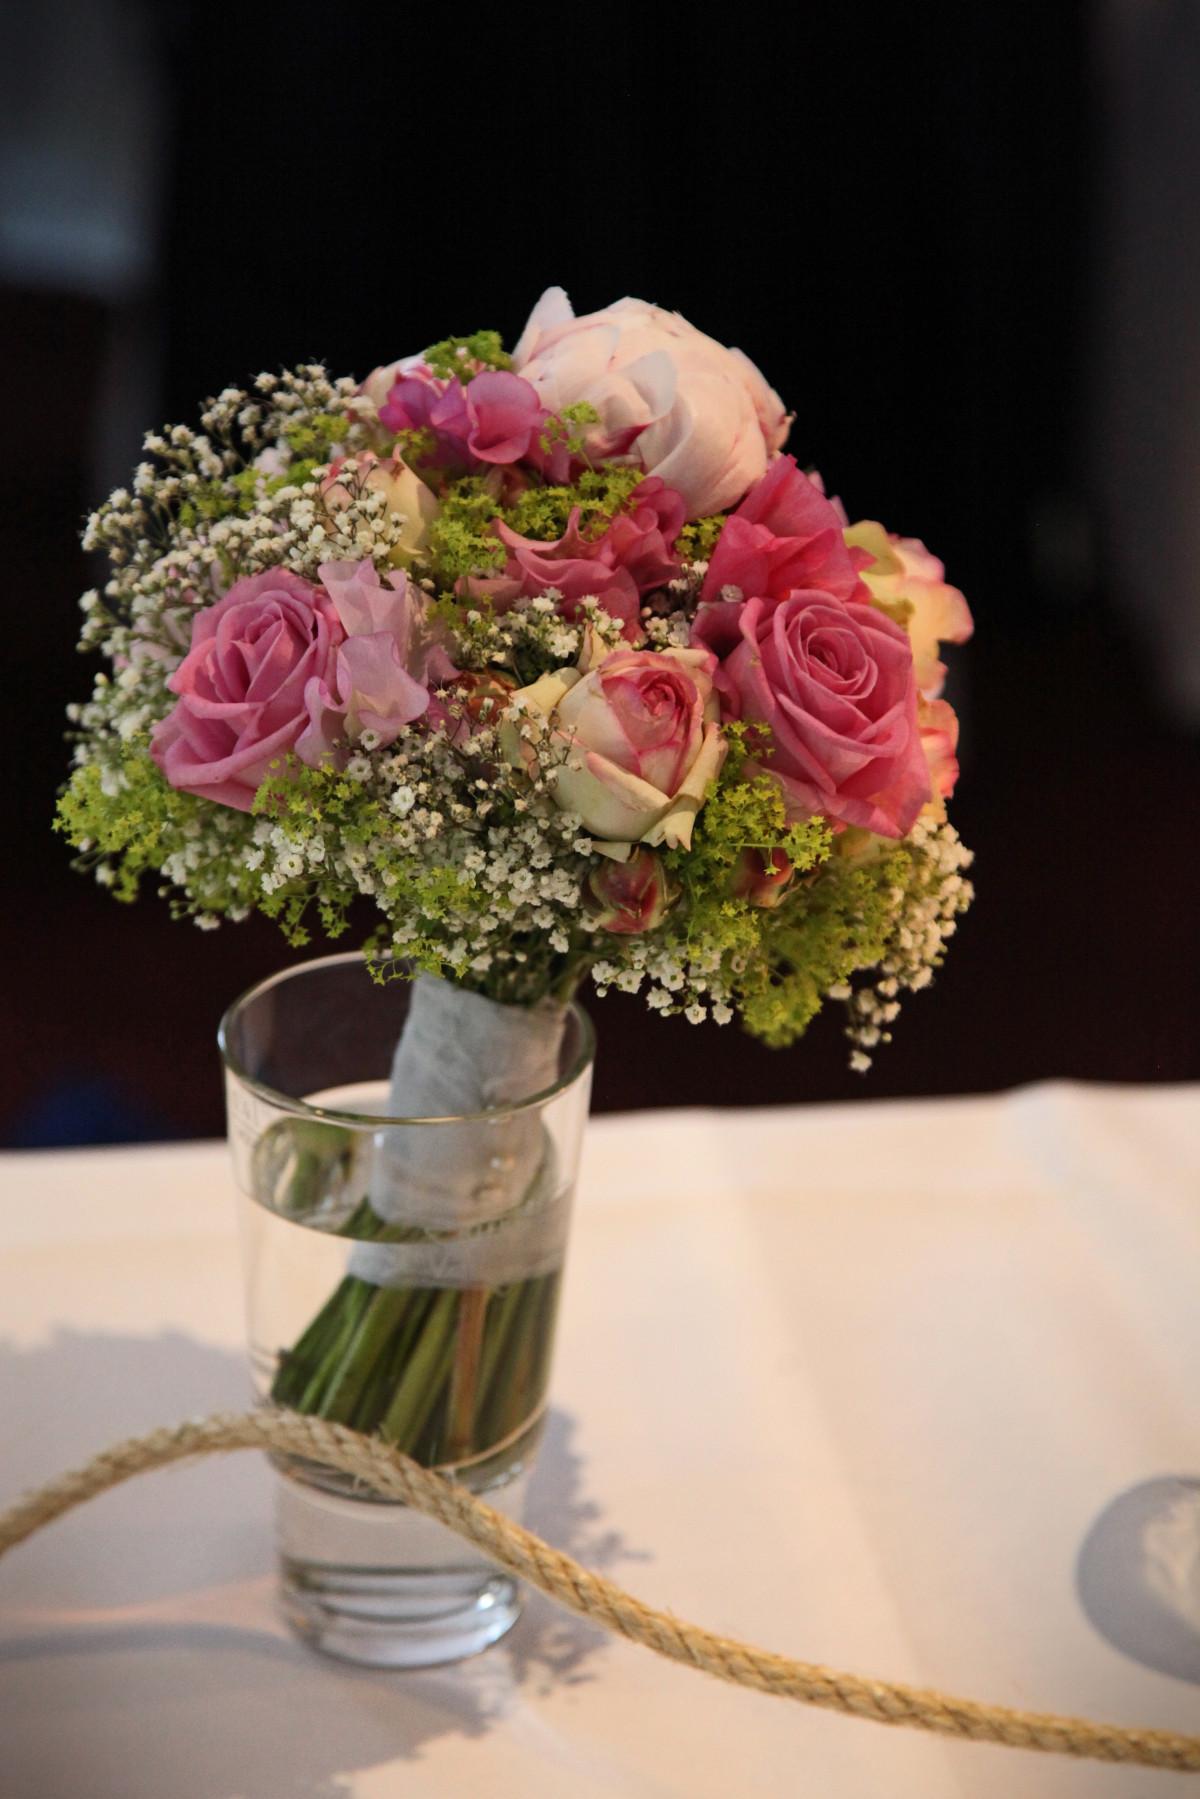 kostenlose foto blume liebe strau romantisch rosa. Black Bedroom Furniture Sets. Home Design Ideas